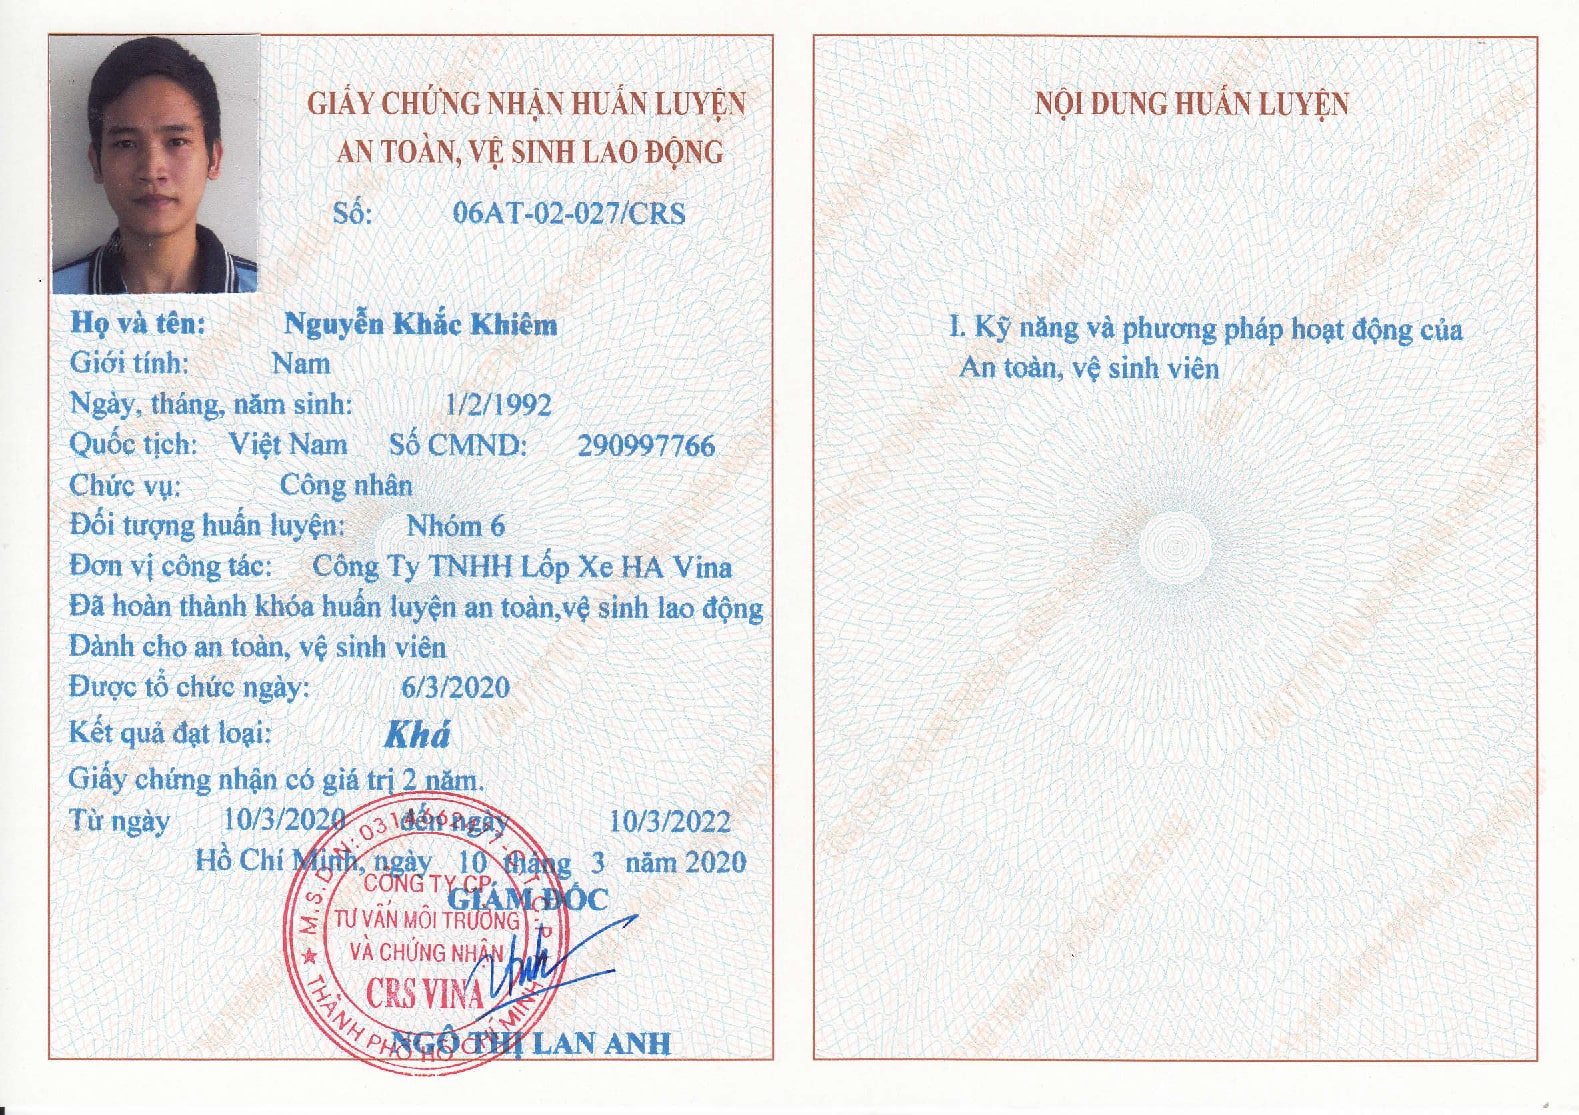 giấy chứng nhận nhóm 6